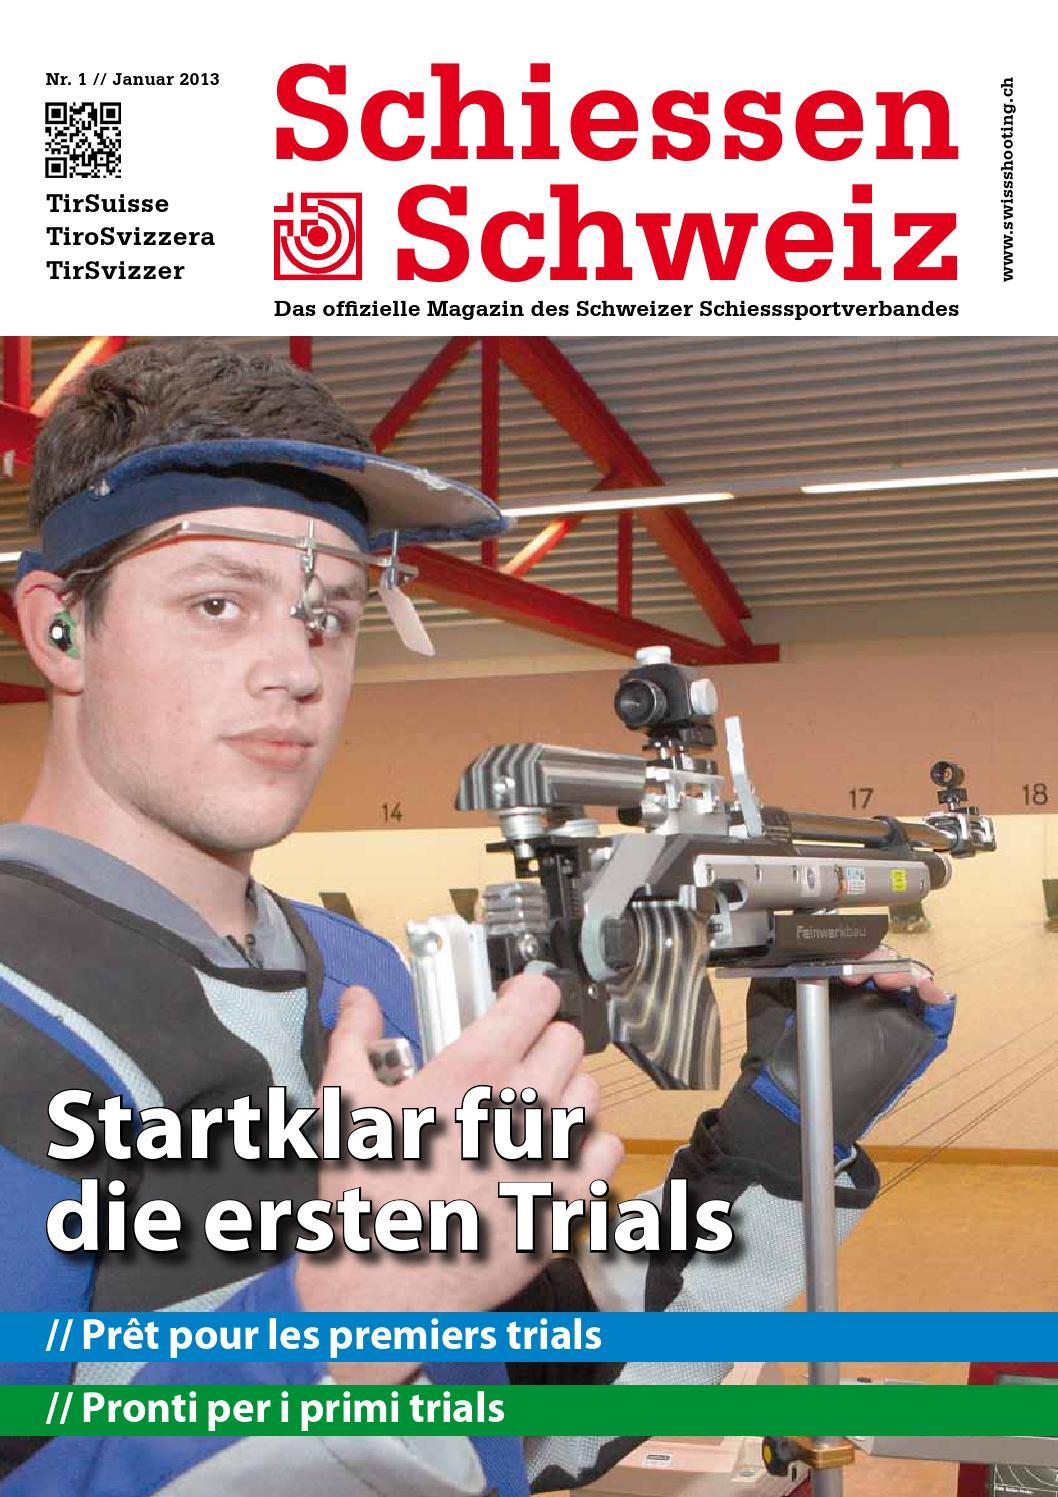 Maier Pistolenschießen Handbuch/Ratgeber/Grundlagen/Pistolen-Schießen/Praxis Bücher